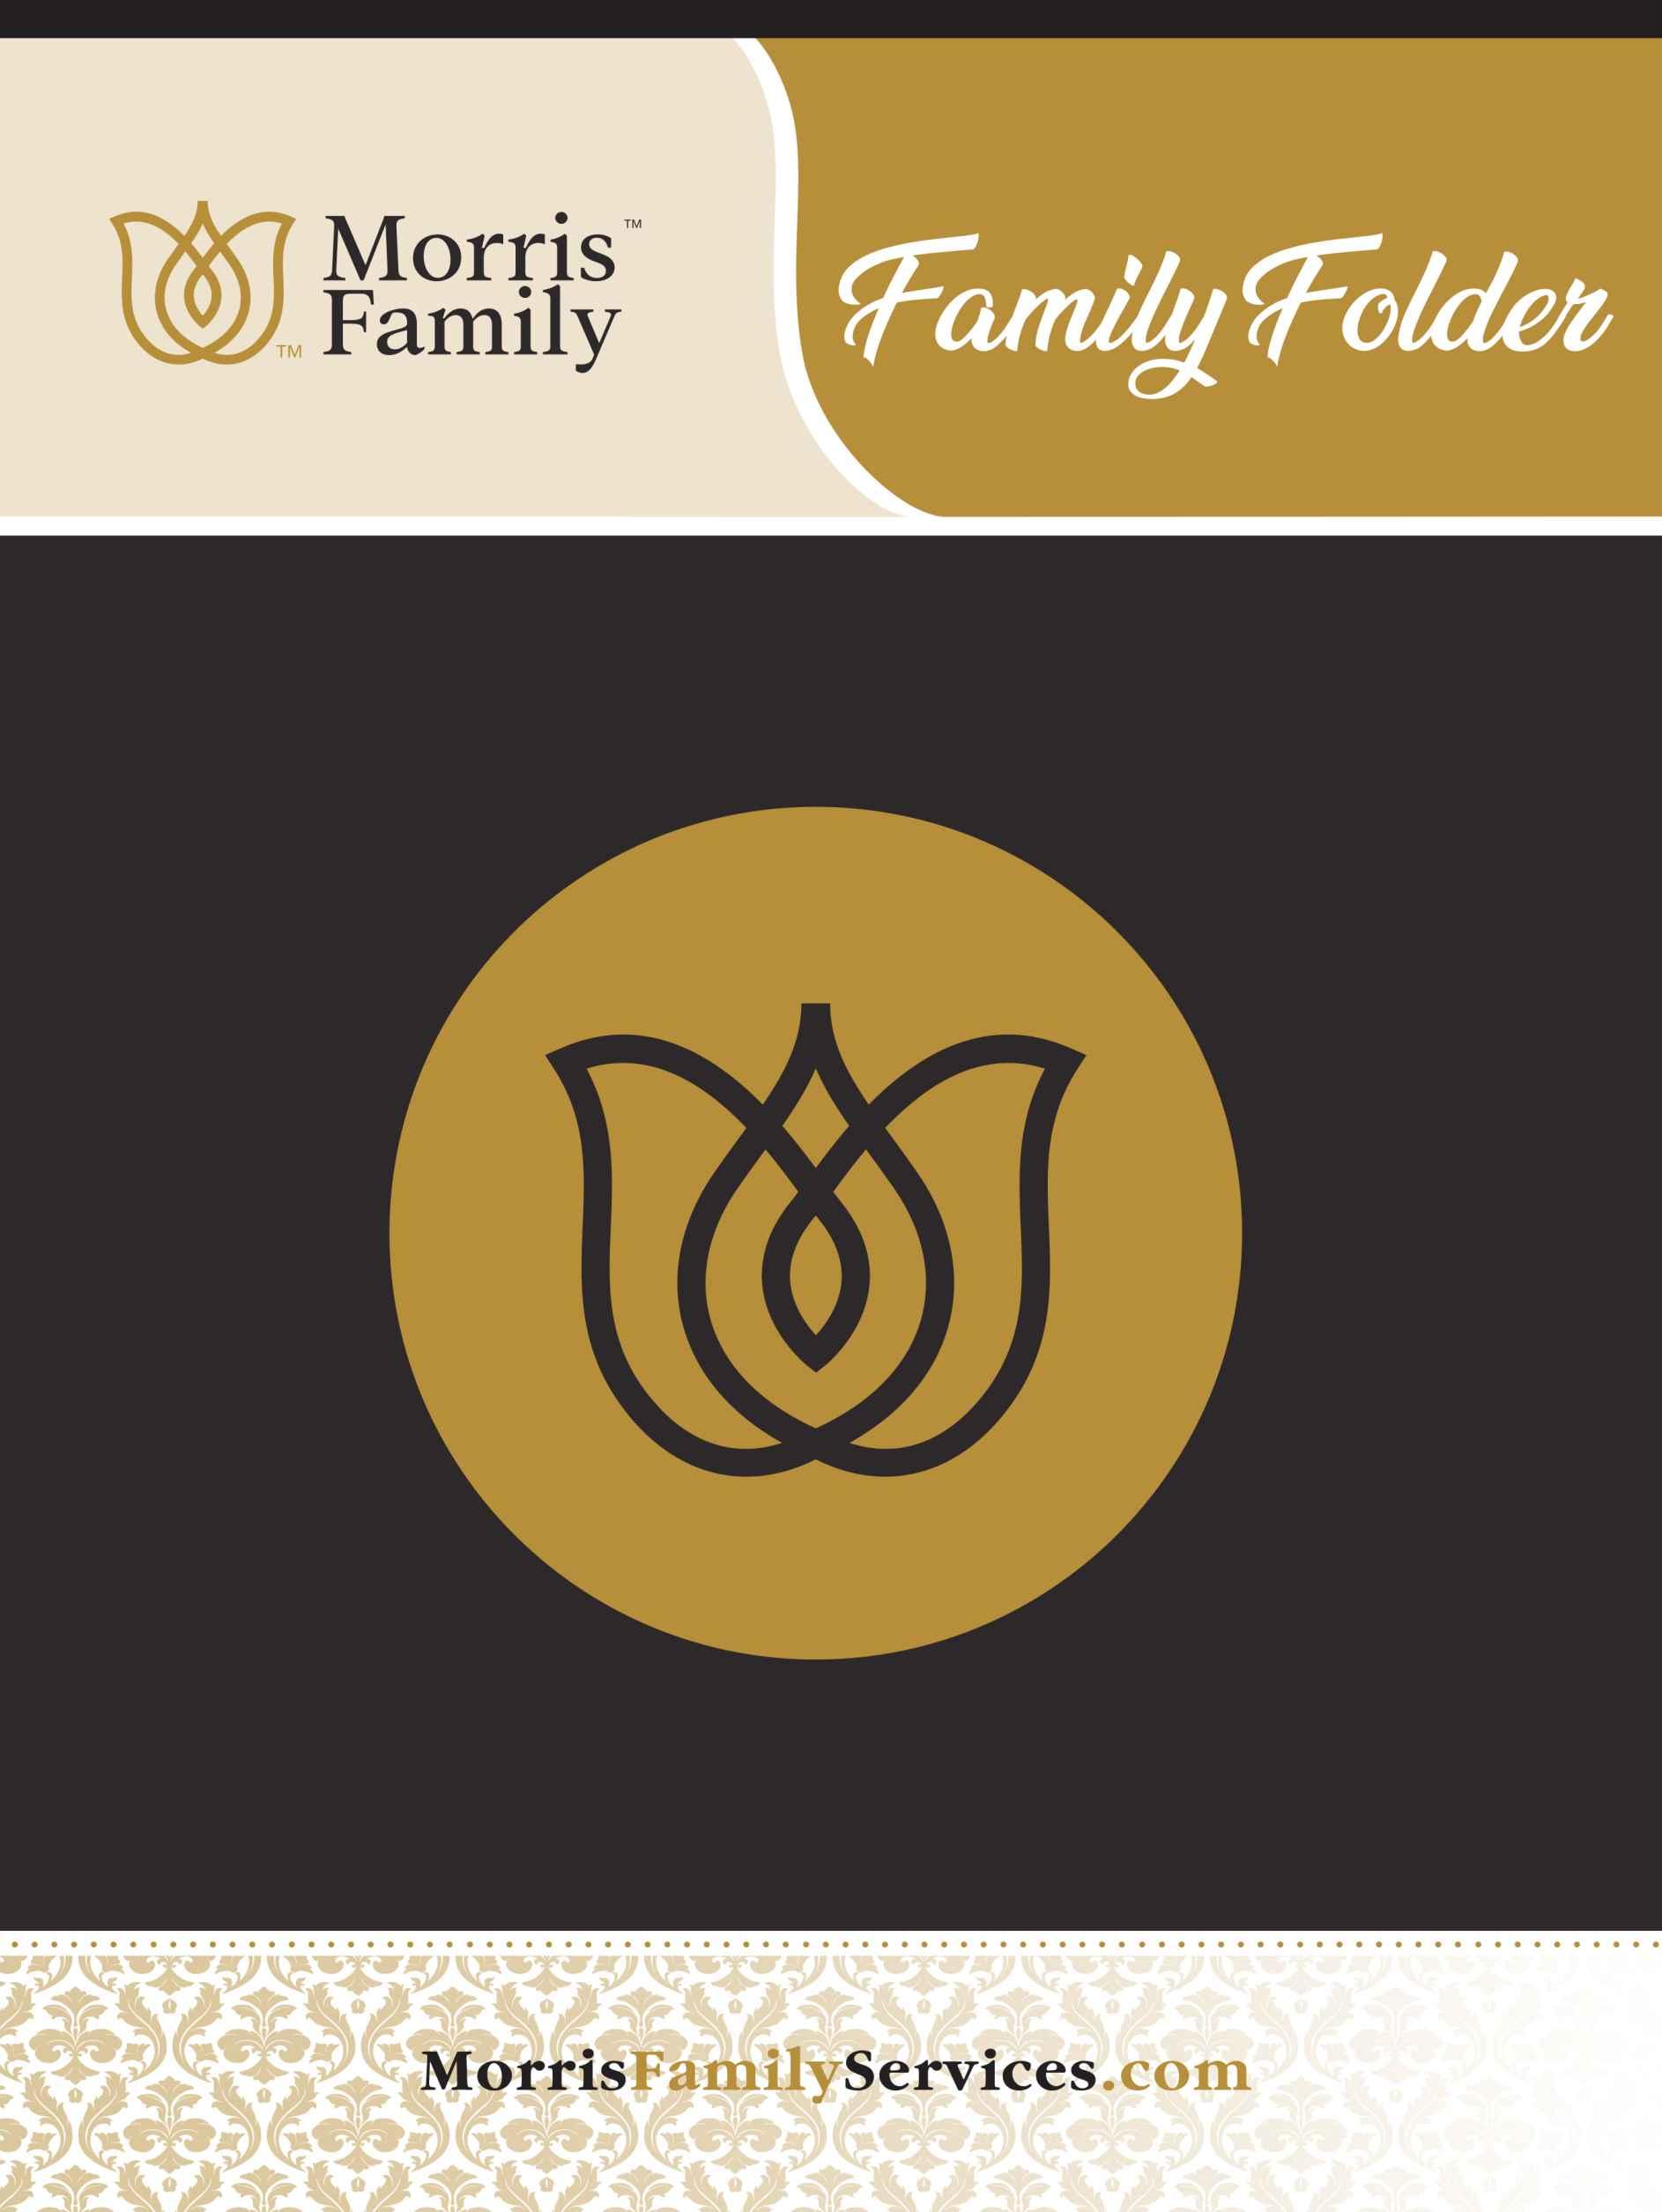 family-Folder-cover-1